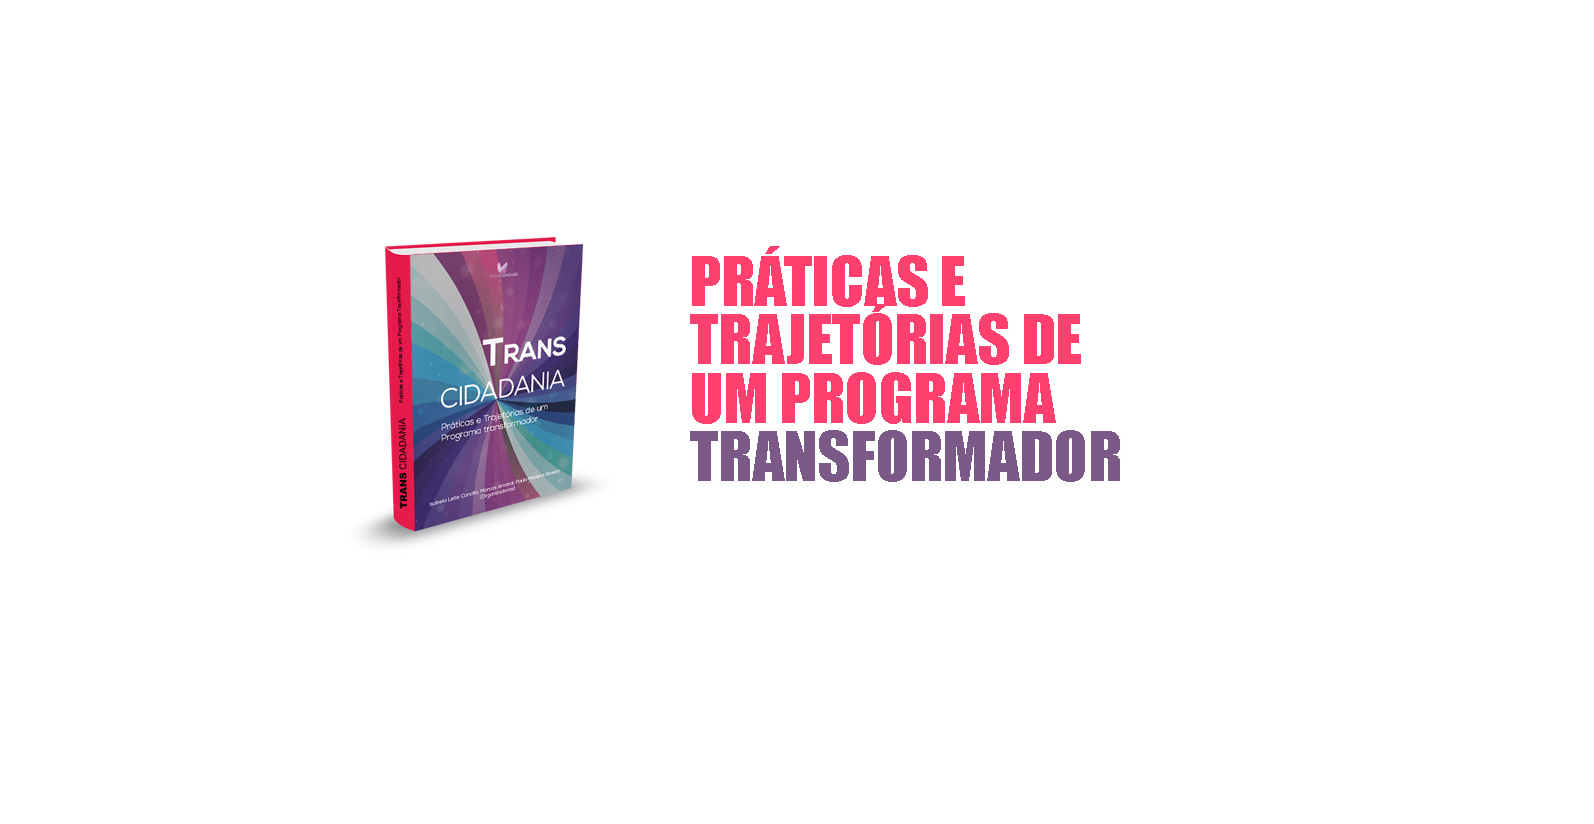 Livro conta a experiência de dois anos do programa Transcidadania